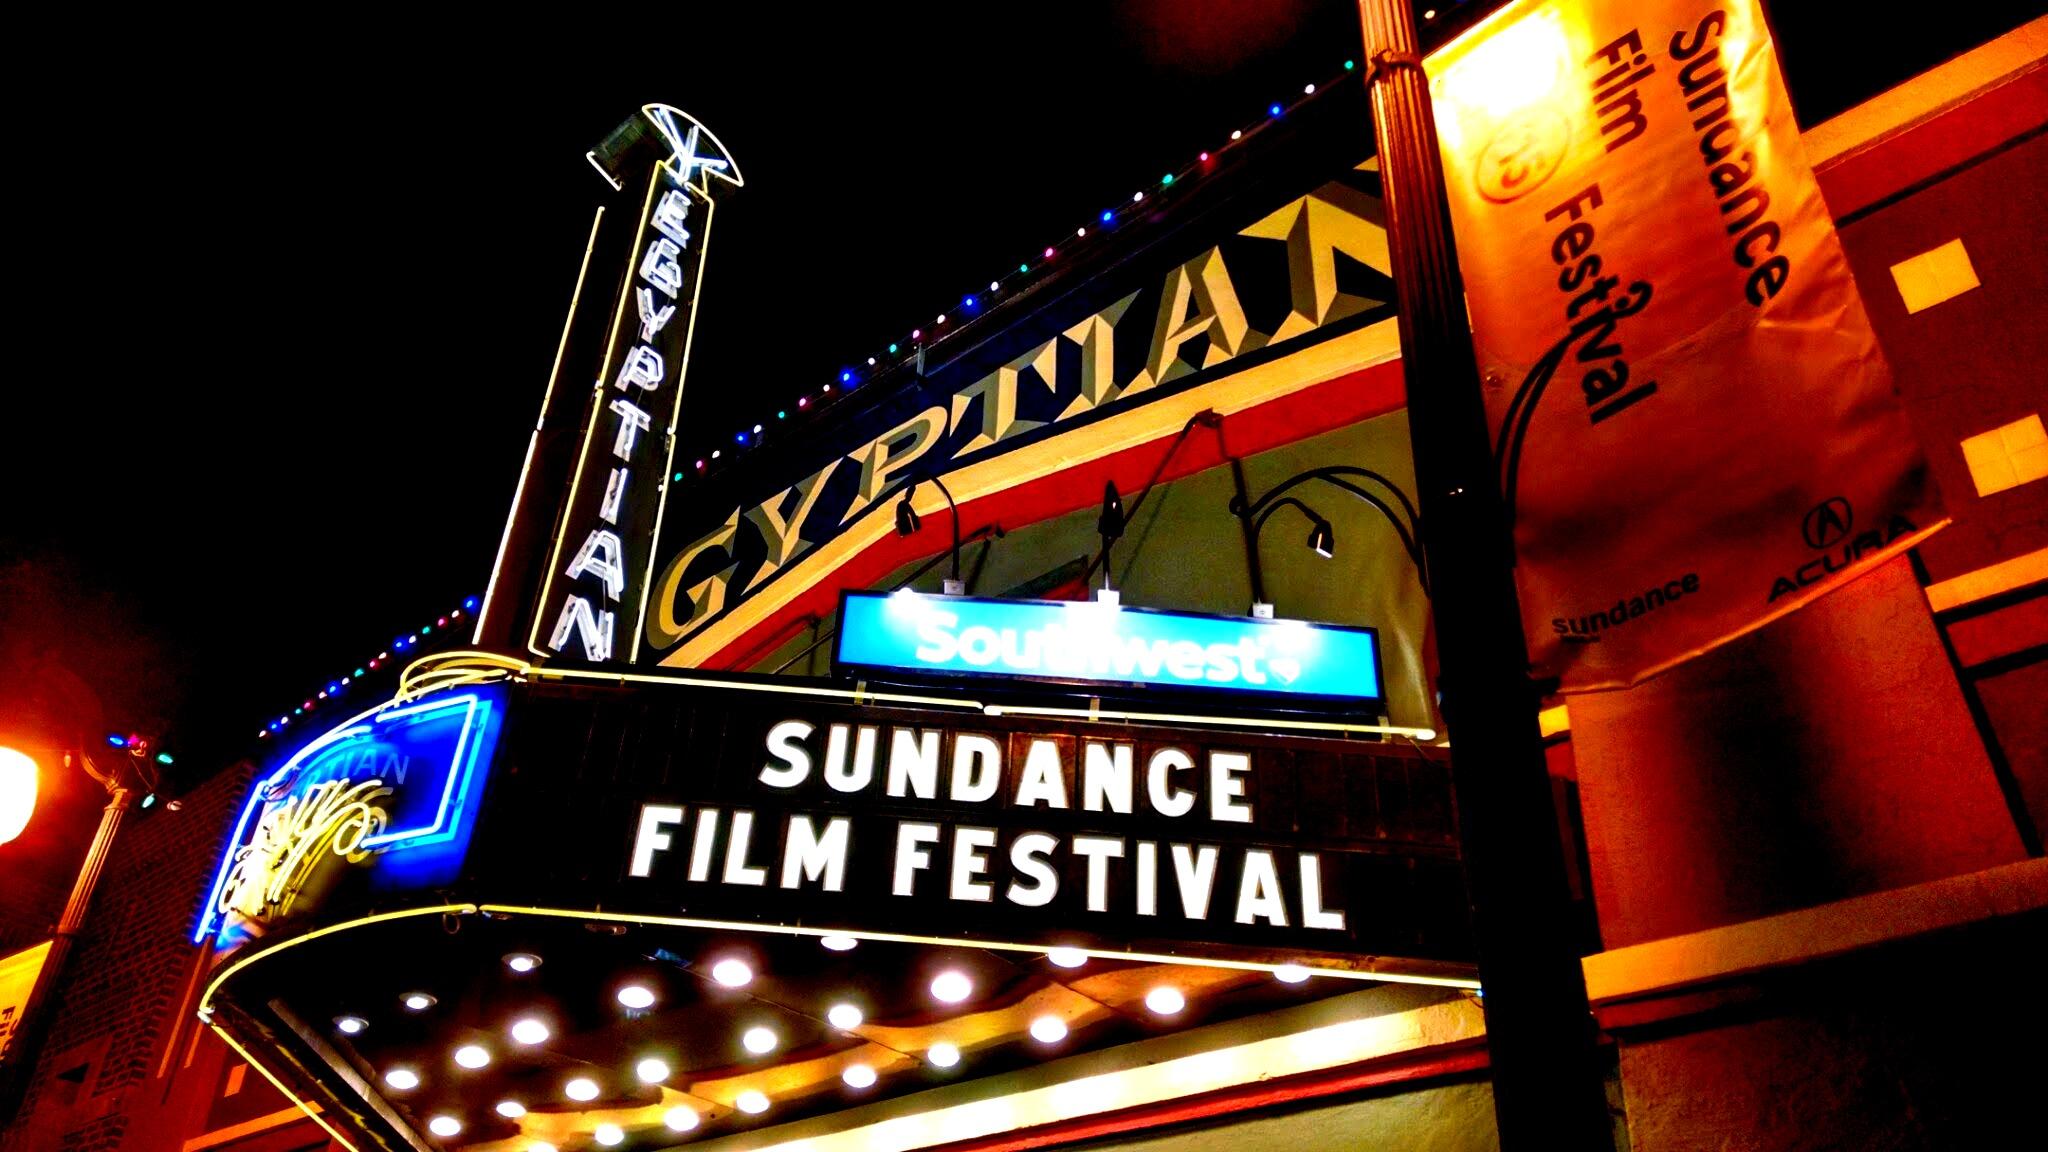 Festival film Sundance